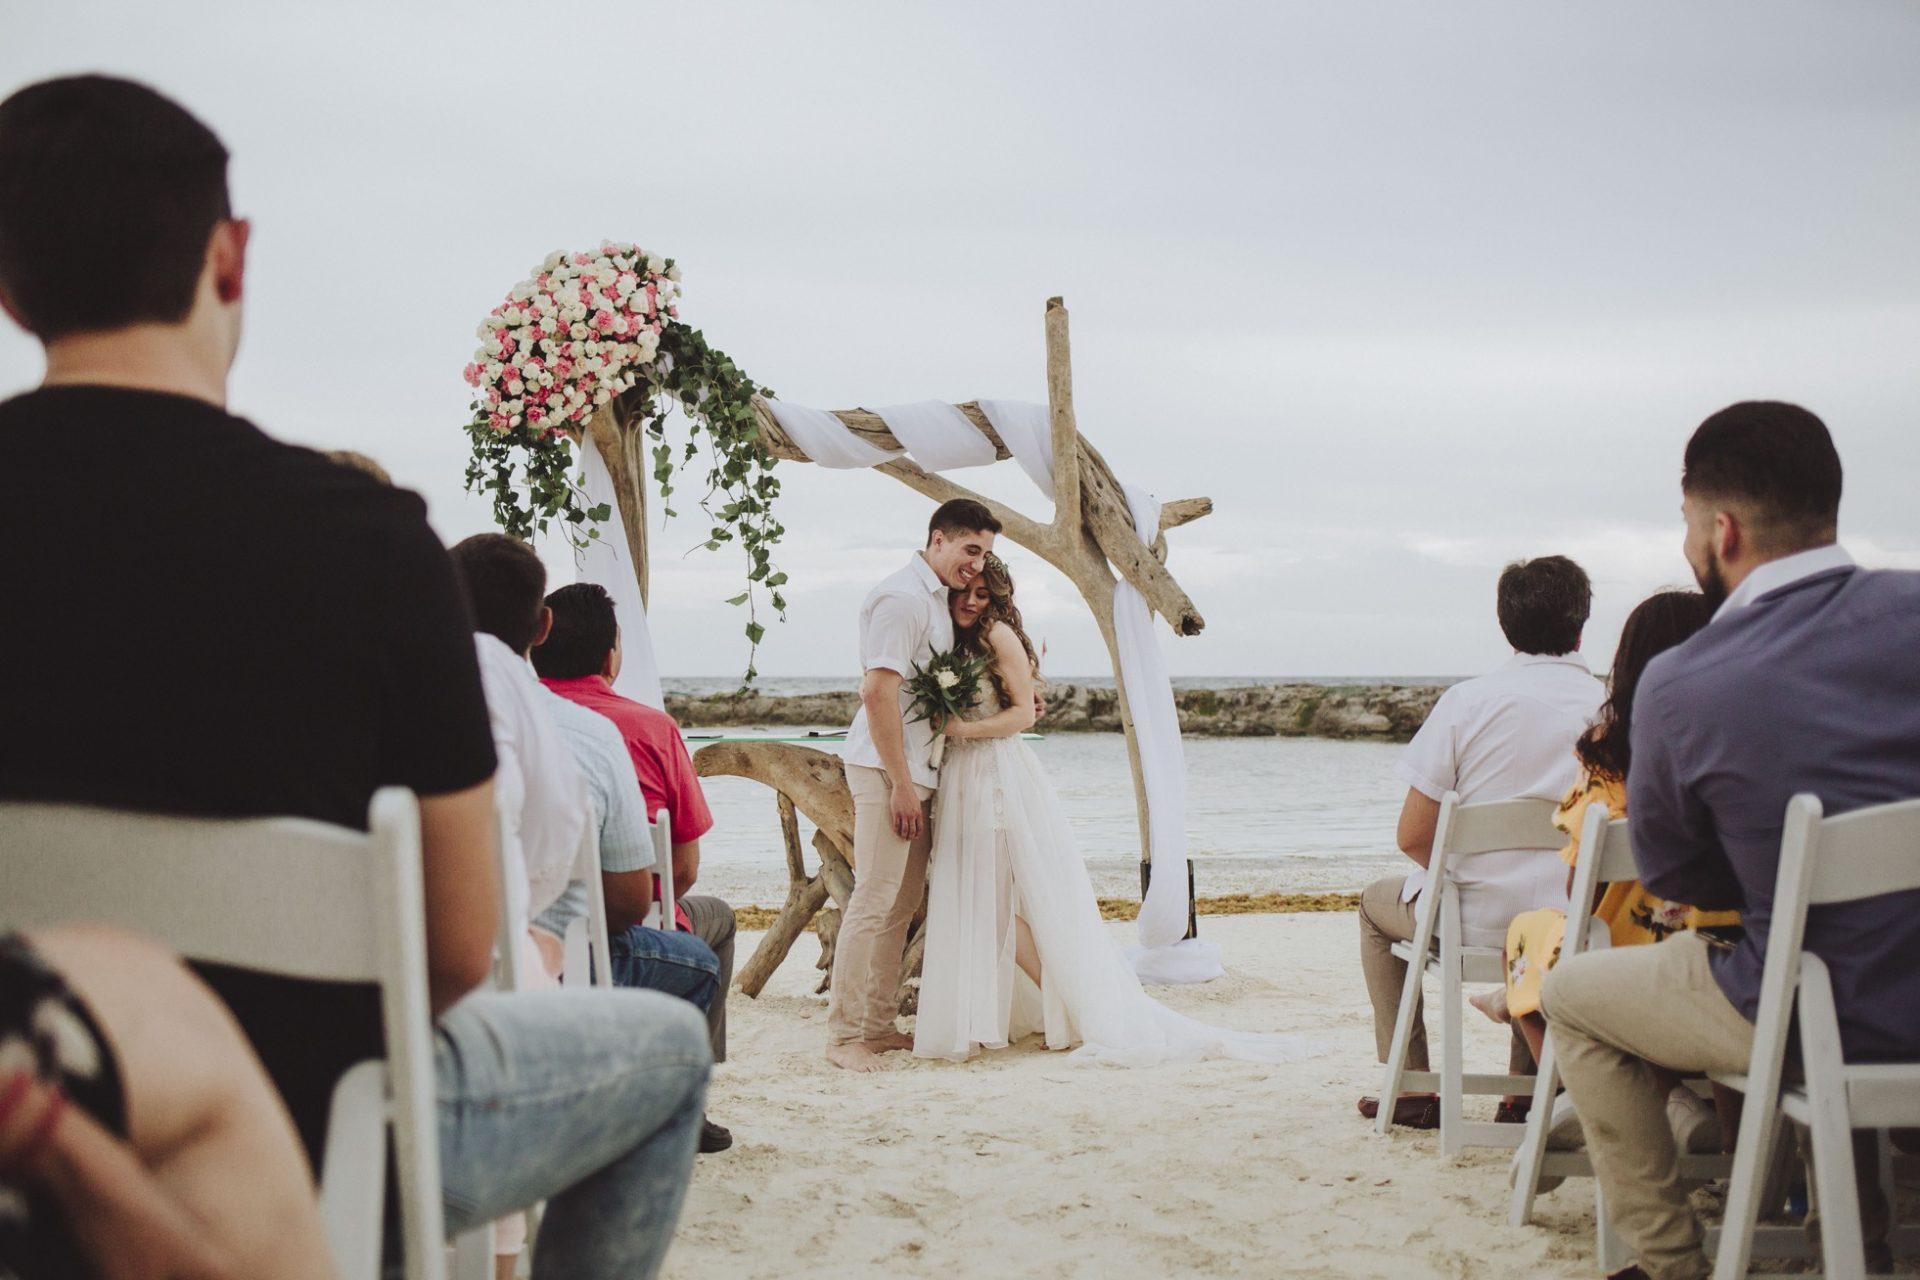 fotografo_bodas_profesional_zacatecas_riviera_maya_cancun-69